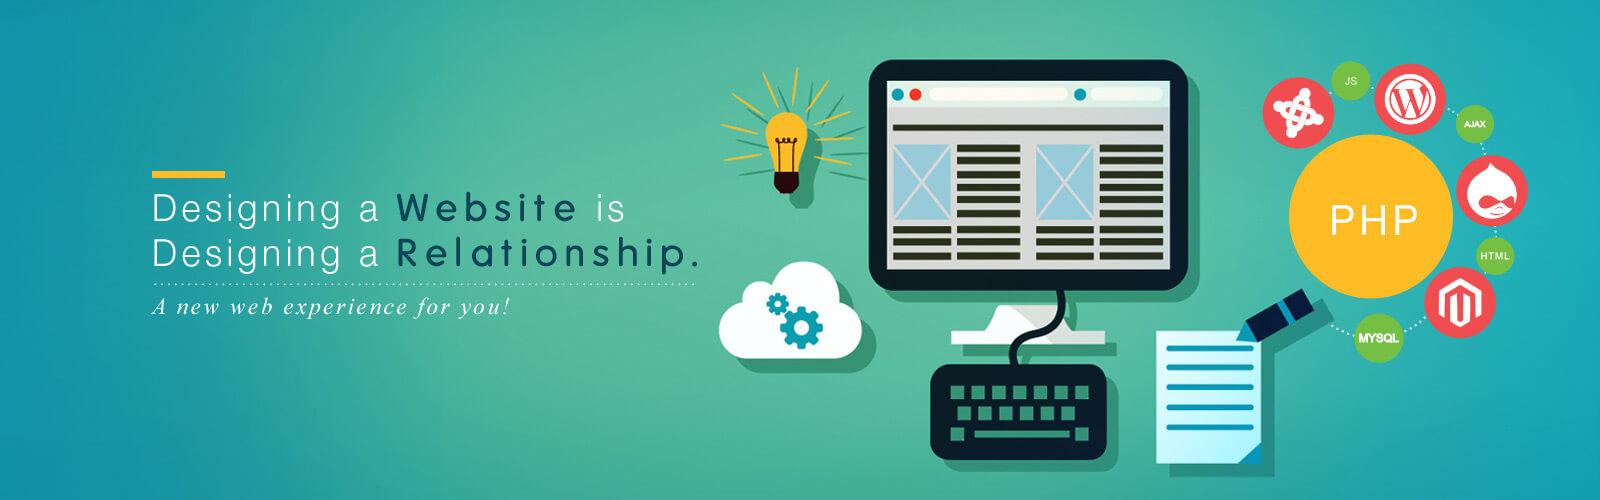 web designing company in mumbai